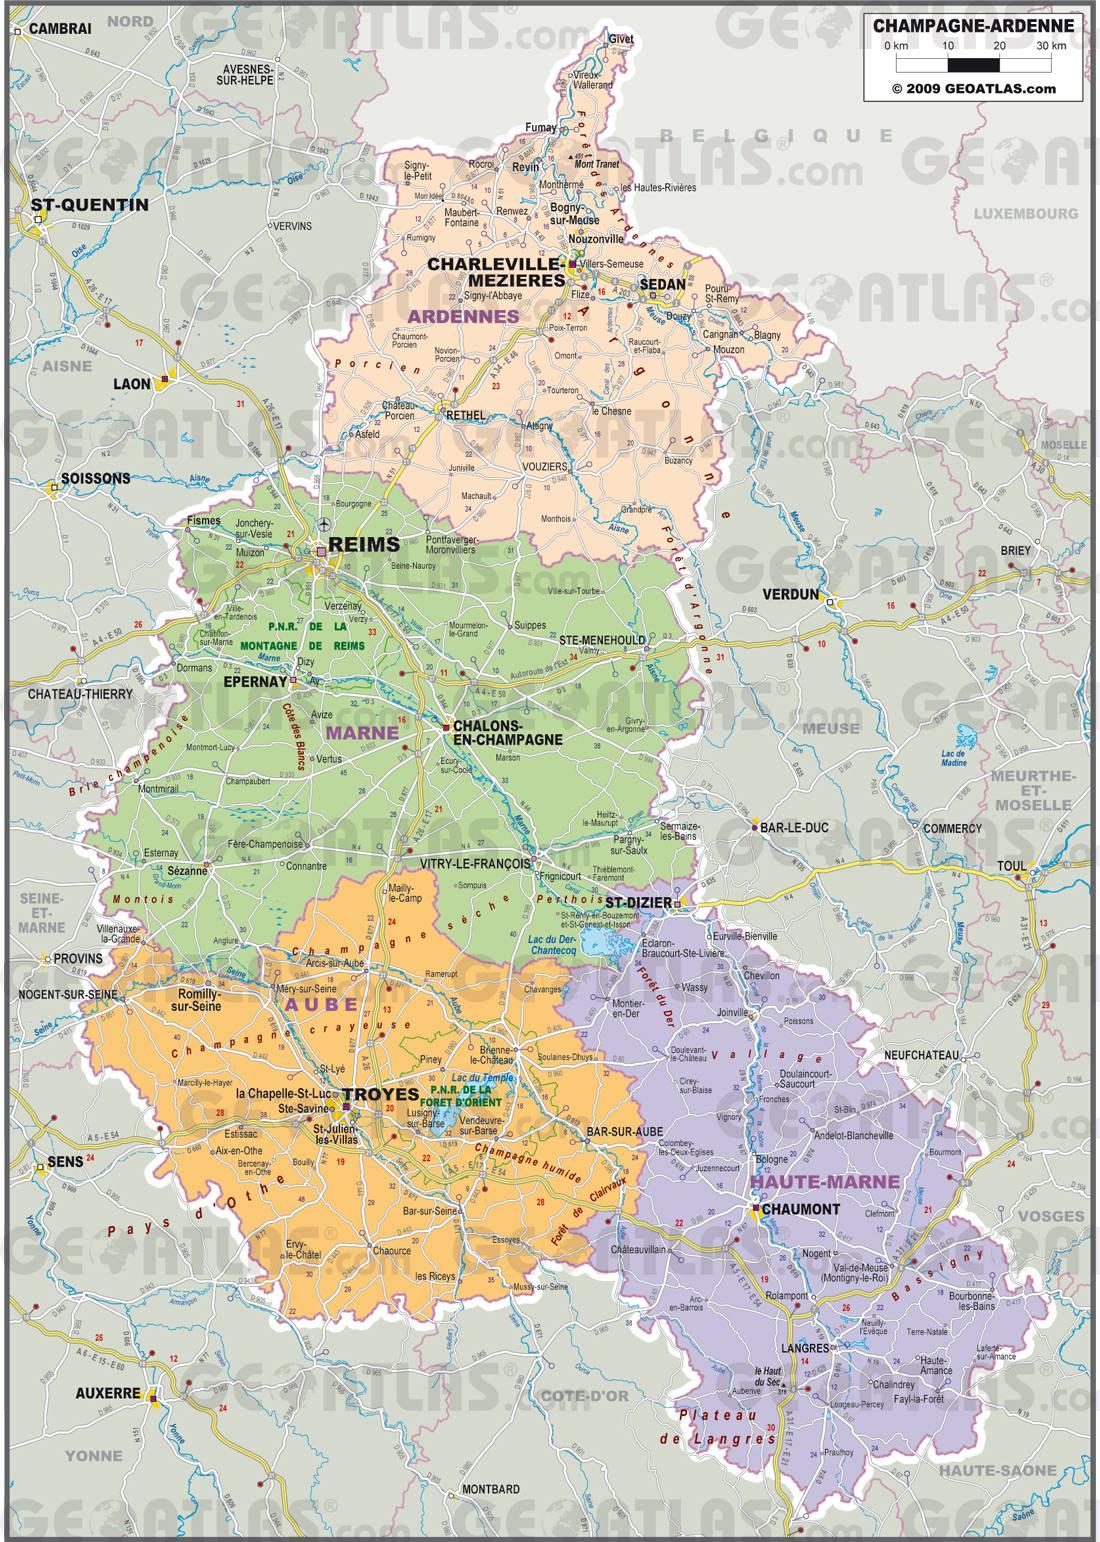 Carte administrative de la Champagne-Ardenne